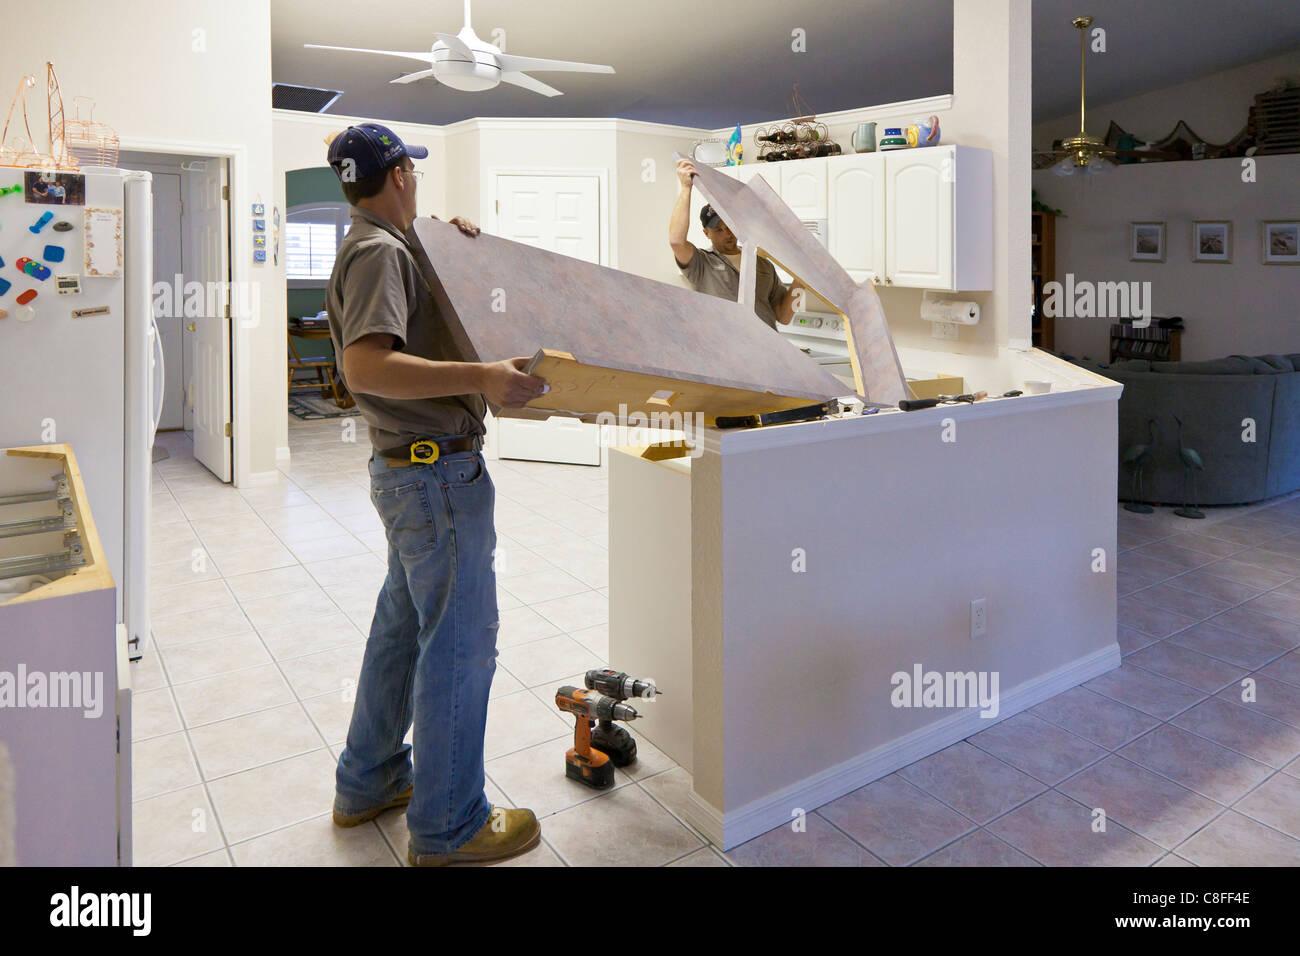 Deux hommes ascenseur comptoir Formica des armoires de cuisine moderne au cours d'un projet de rénovation Photo Stock